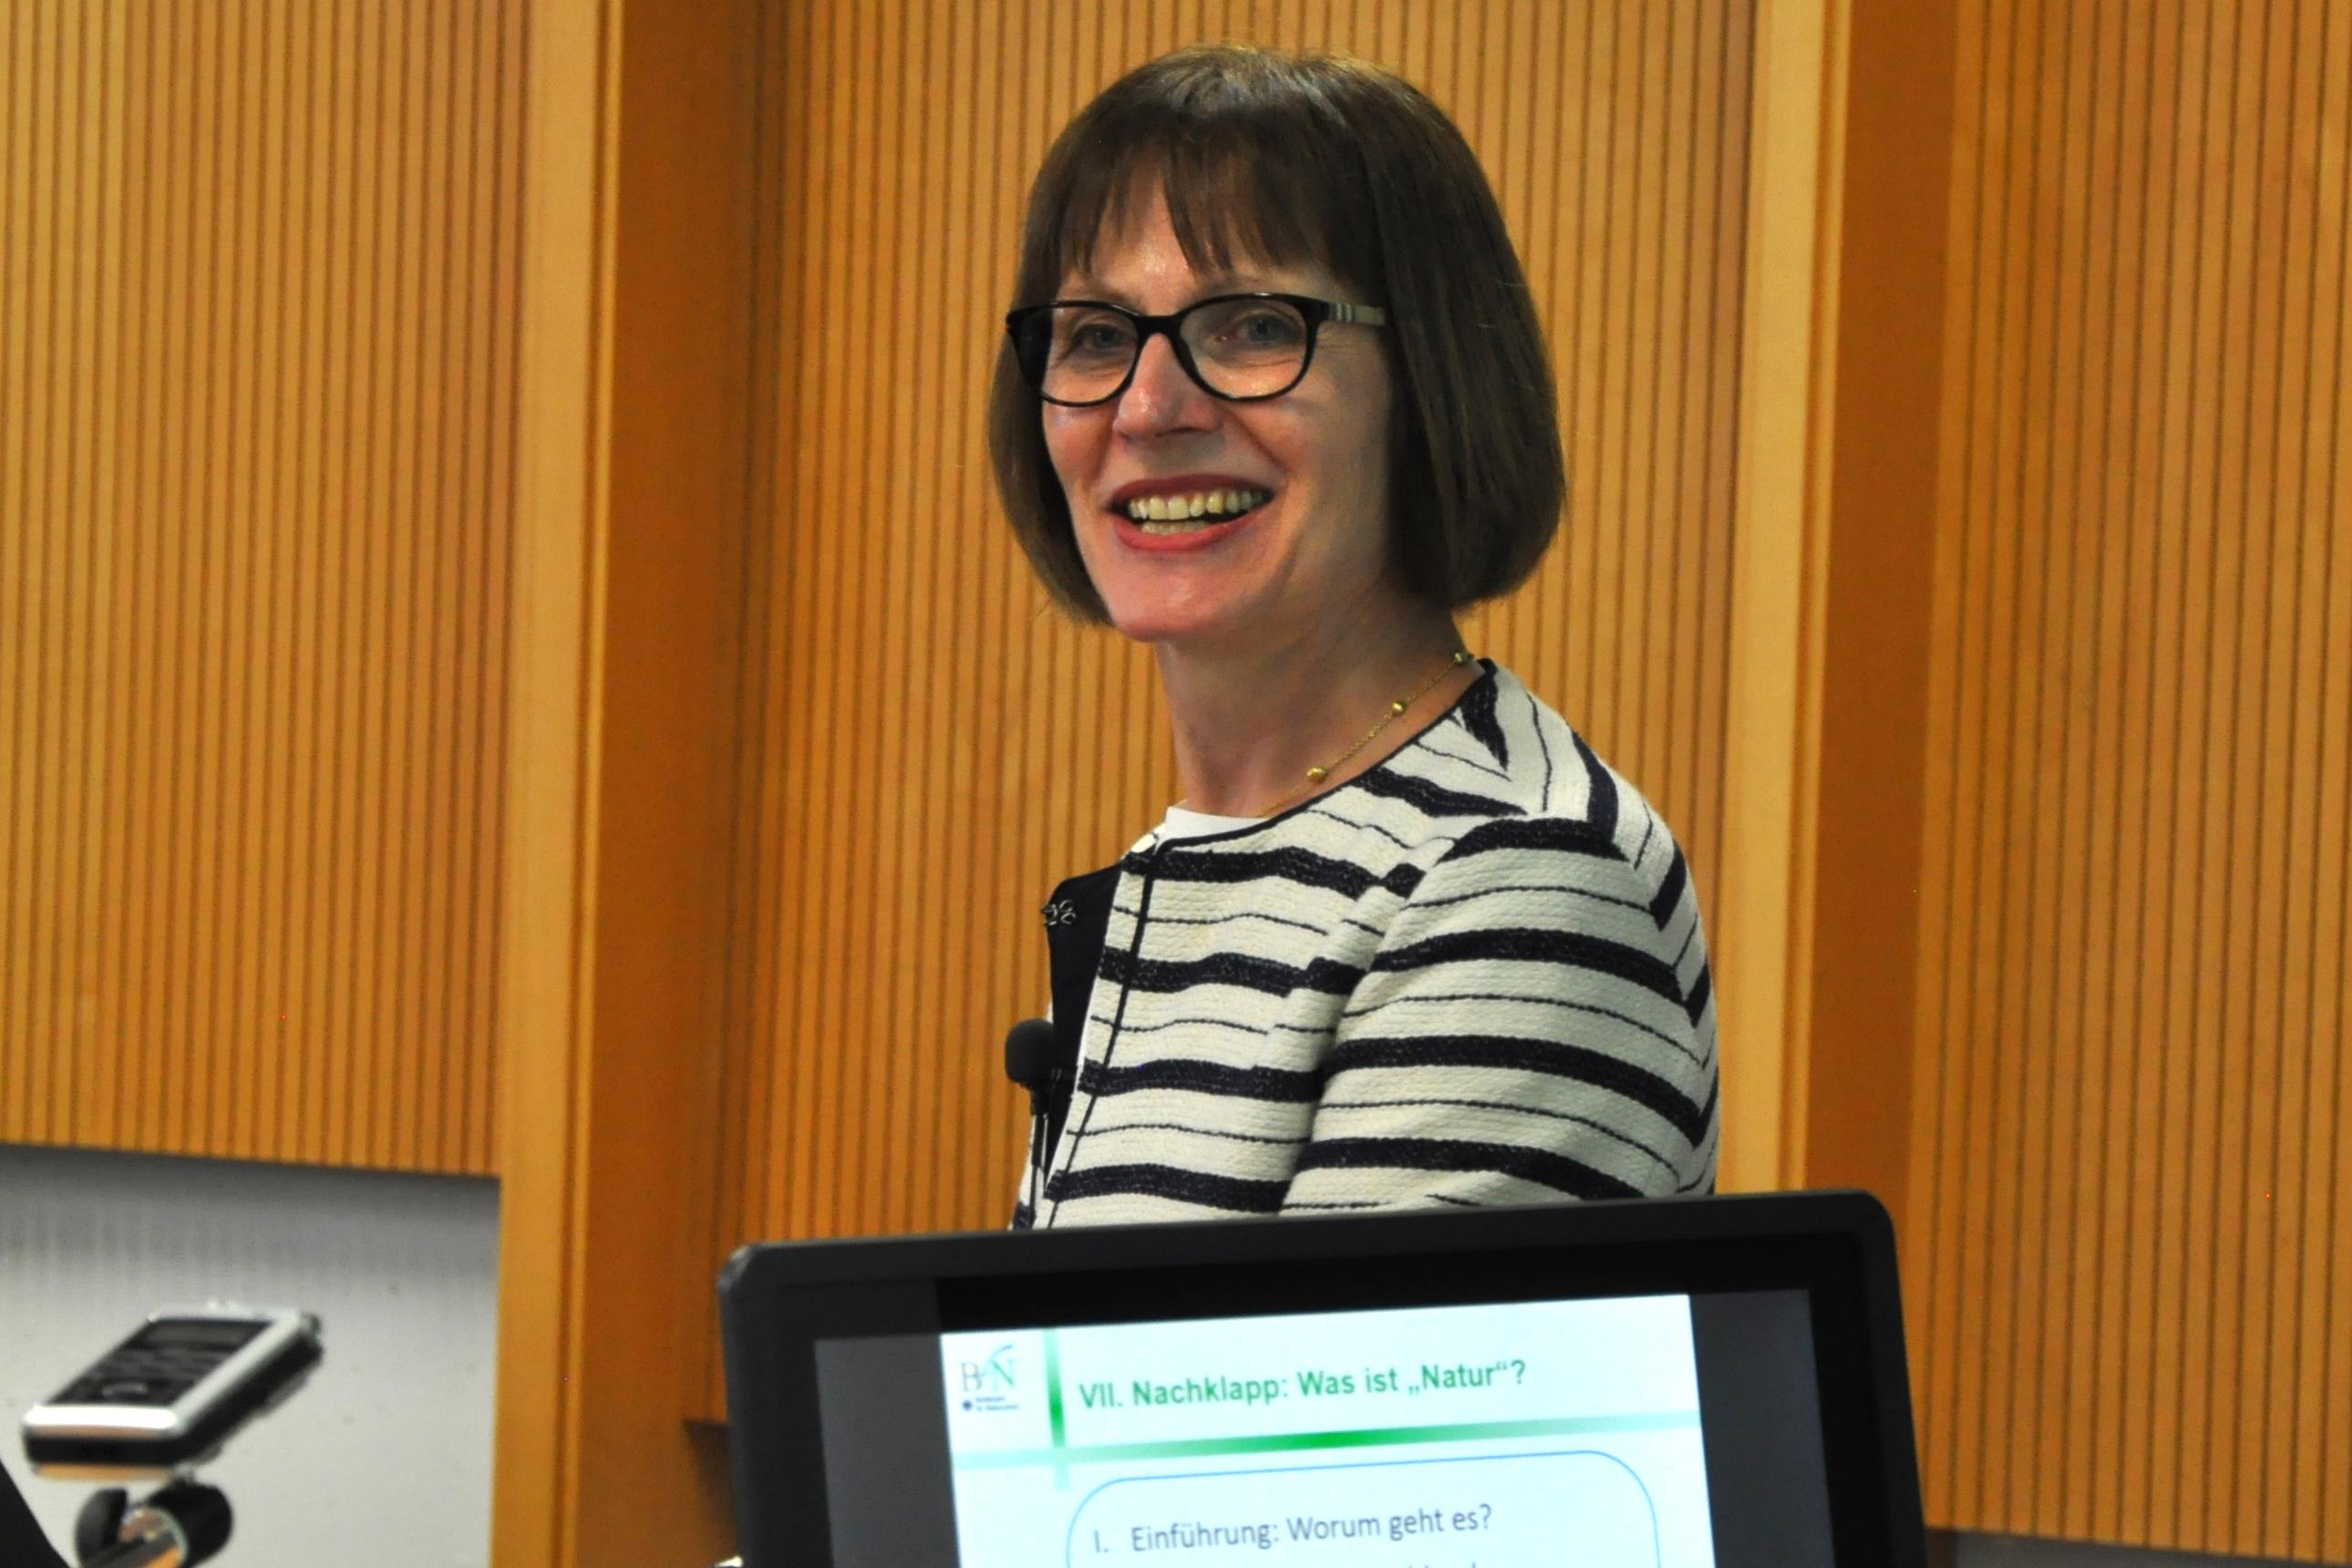 Dr. Christiane Schell sprach über Naturschutz